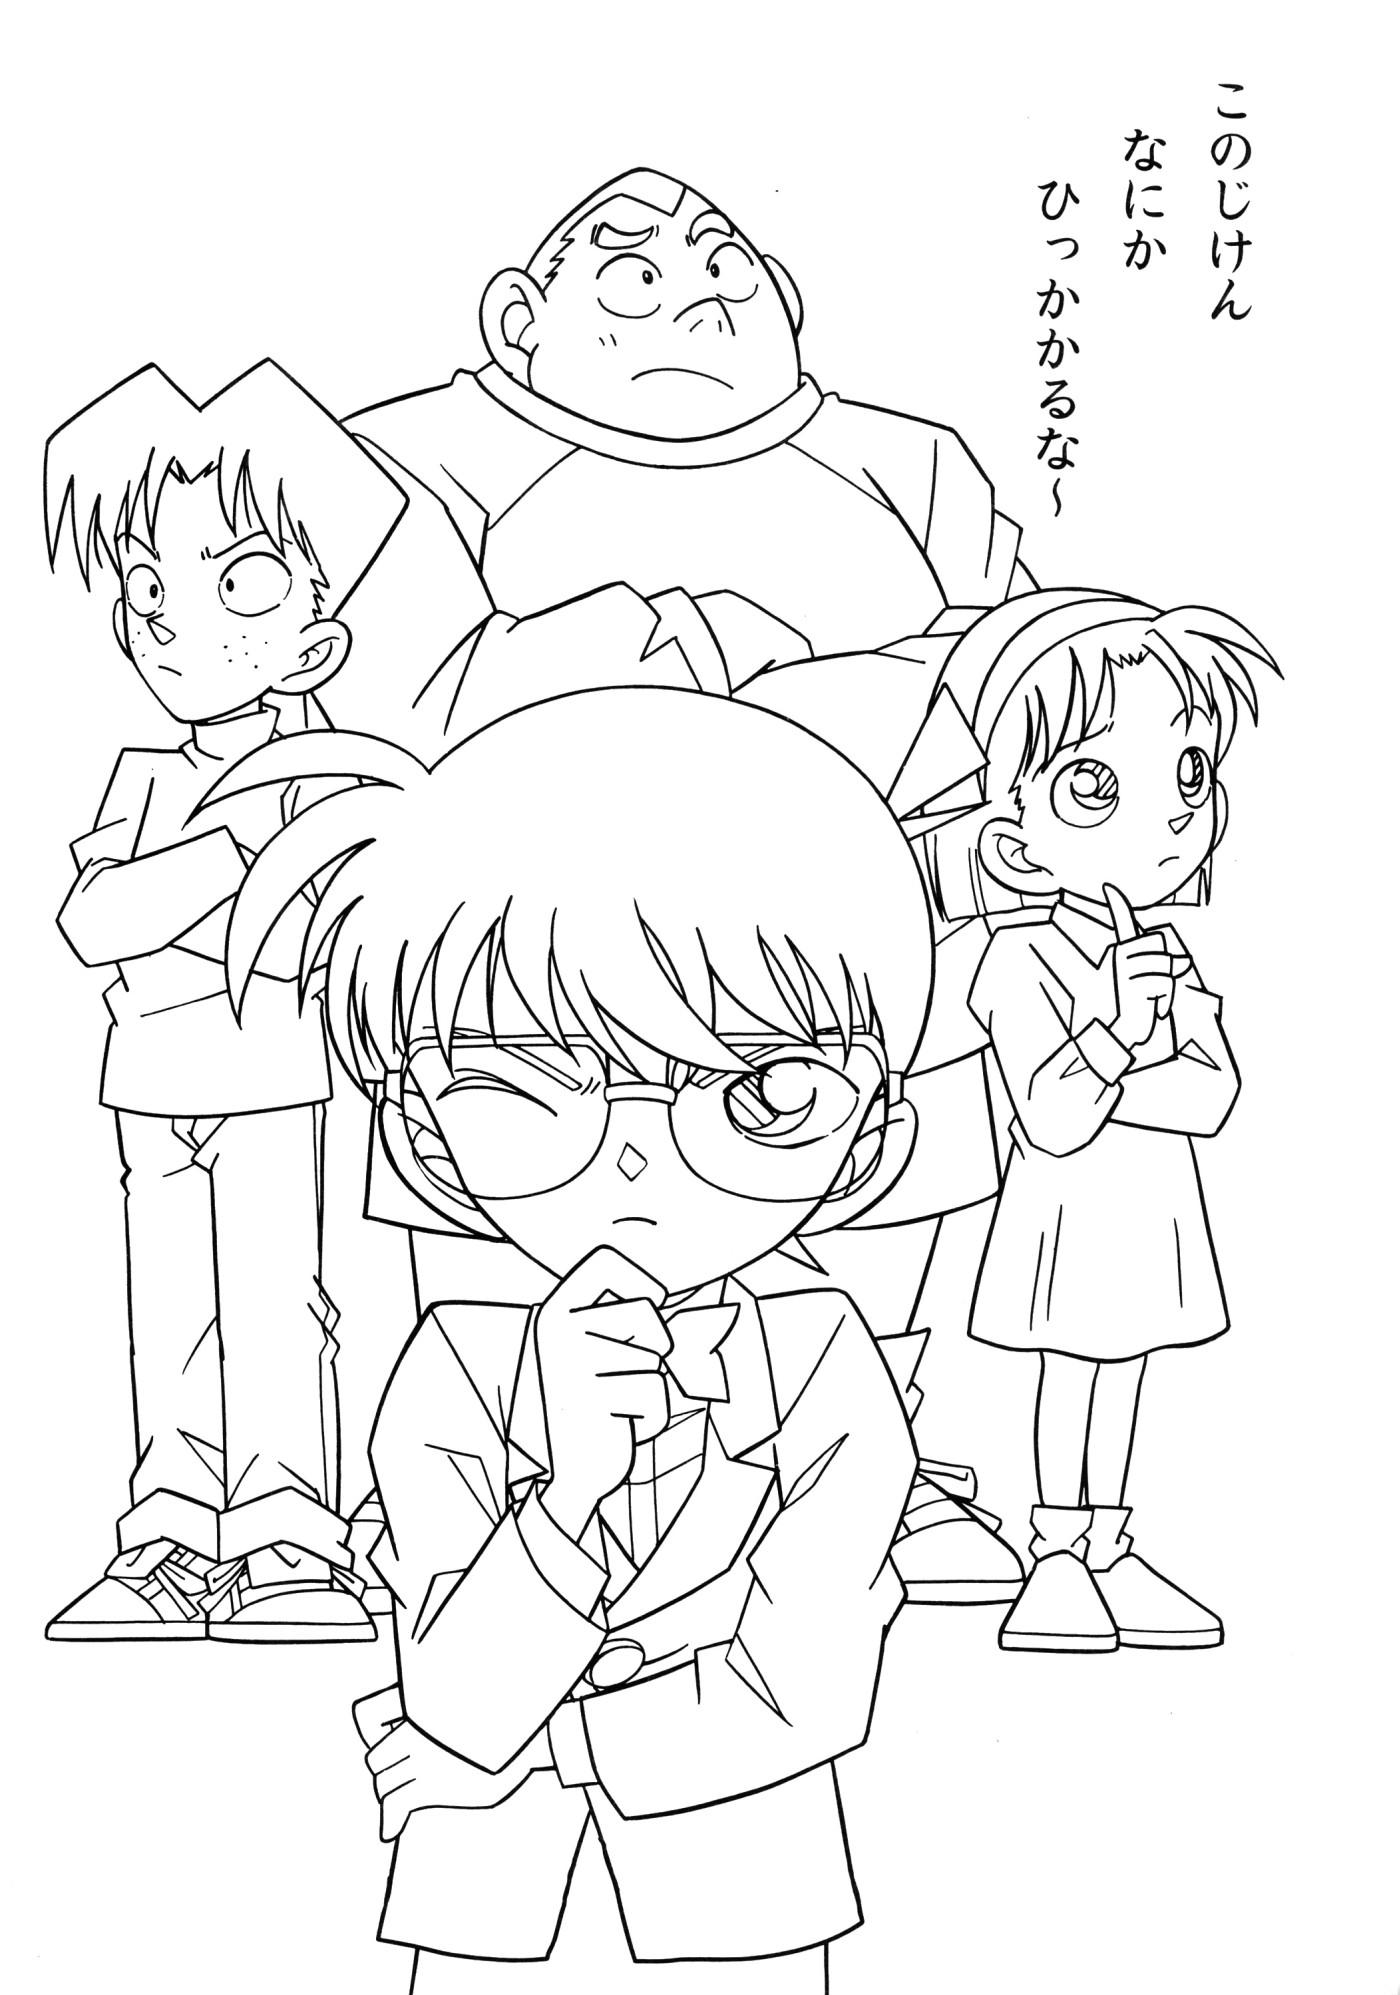 Conan coloring #19, Download drawings